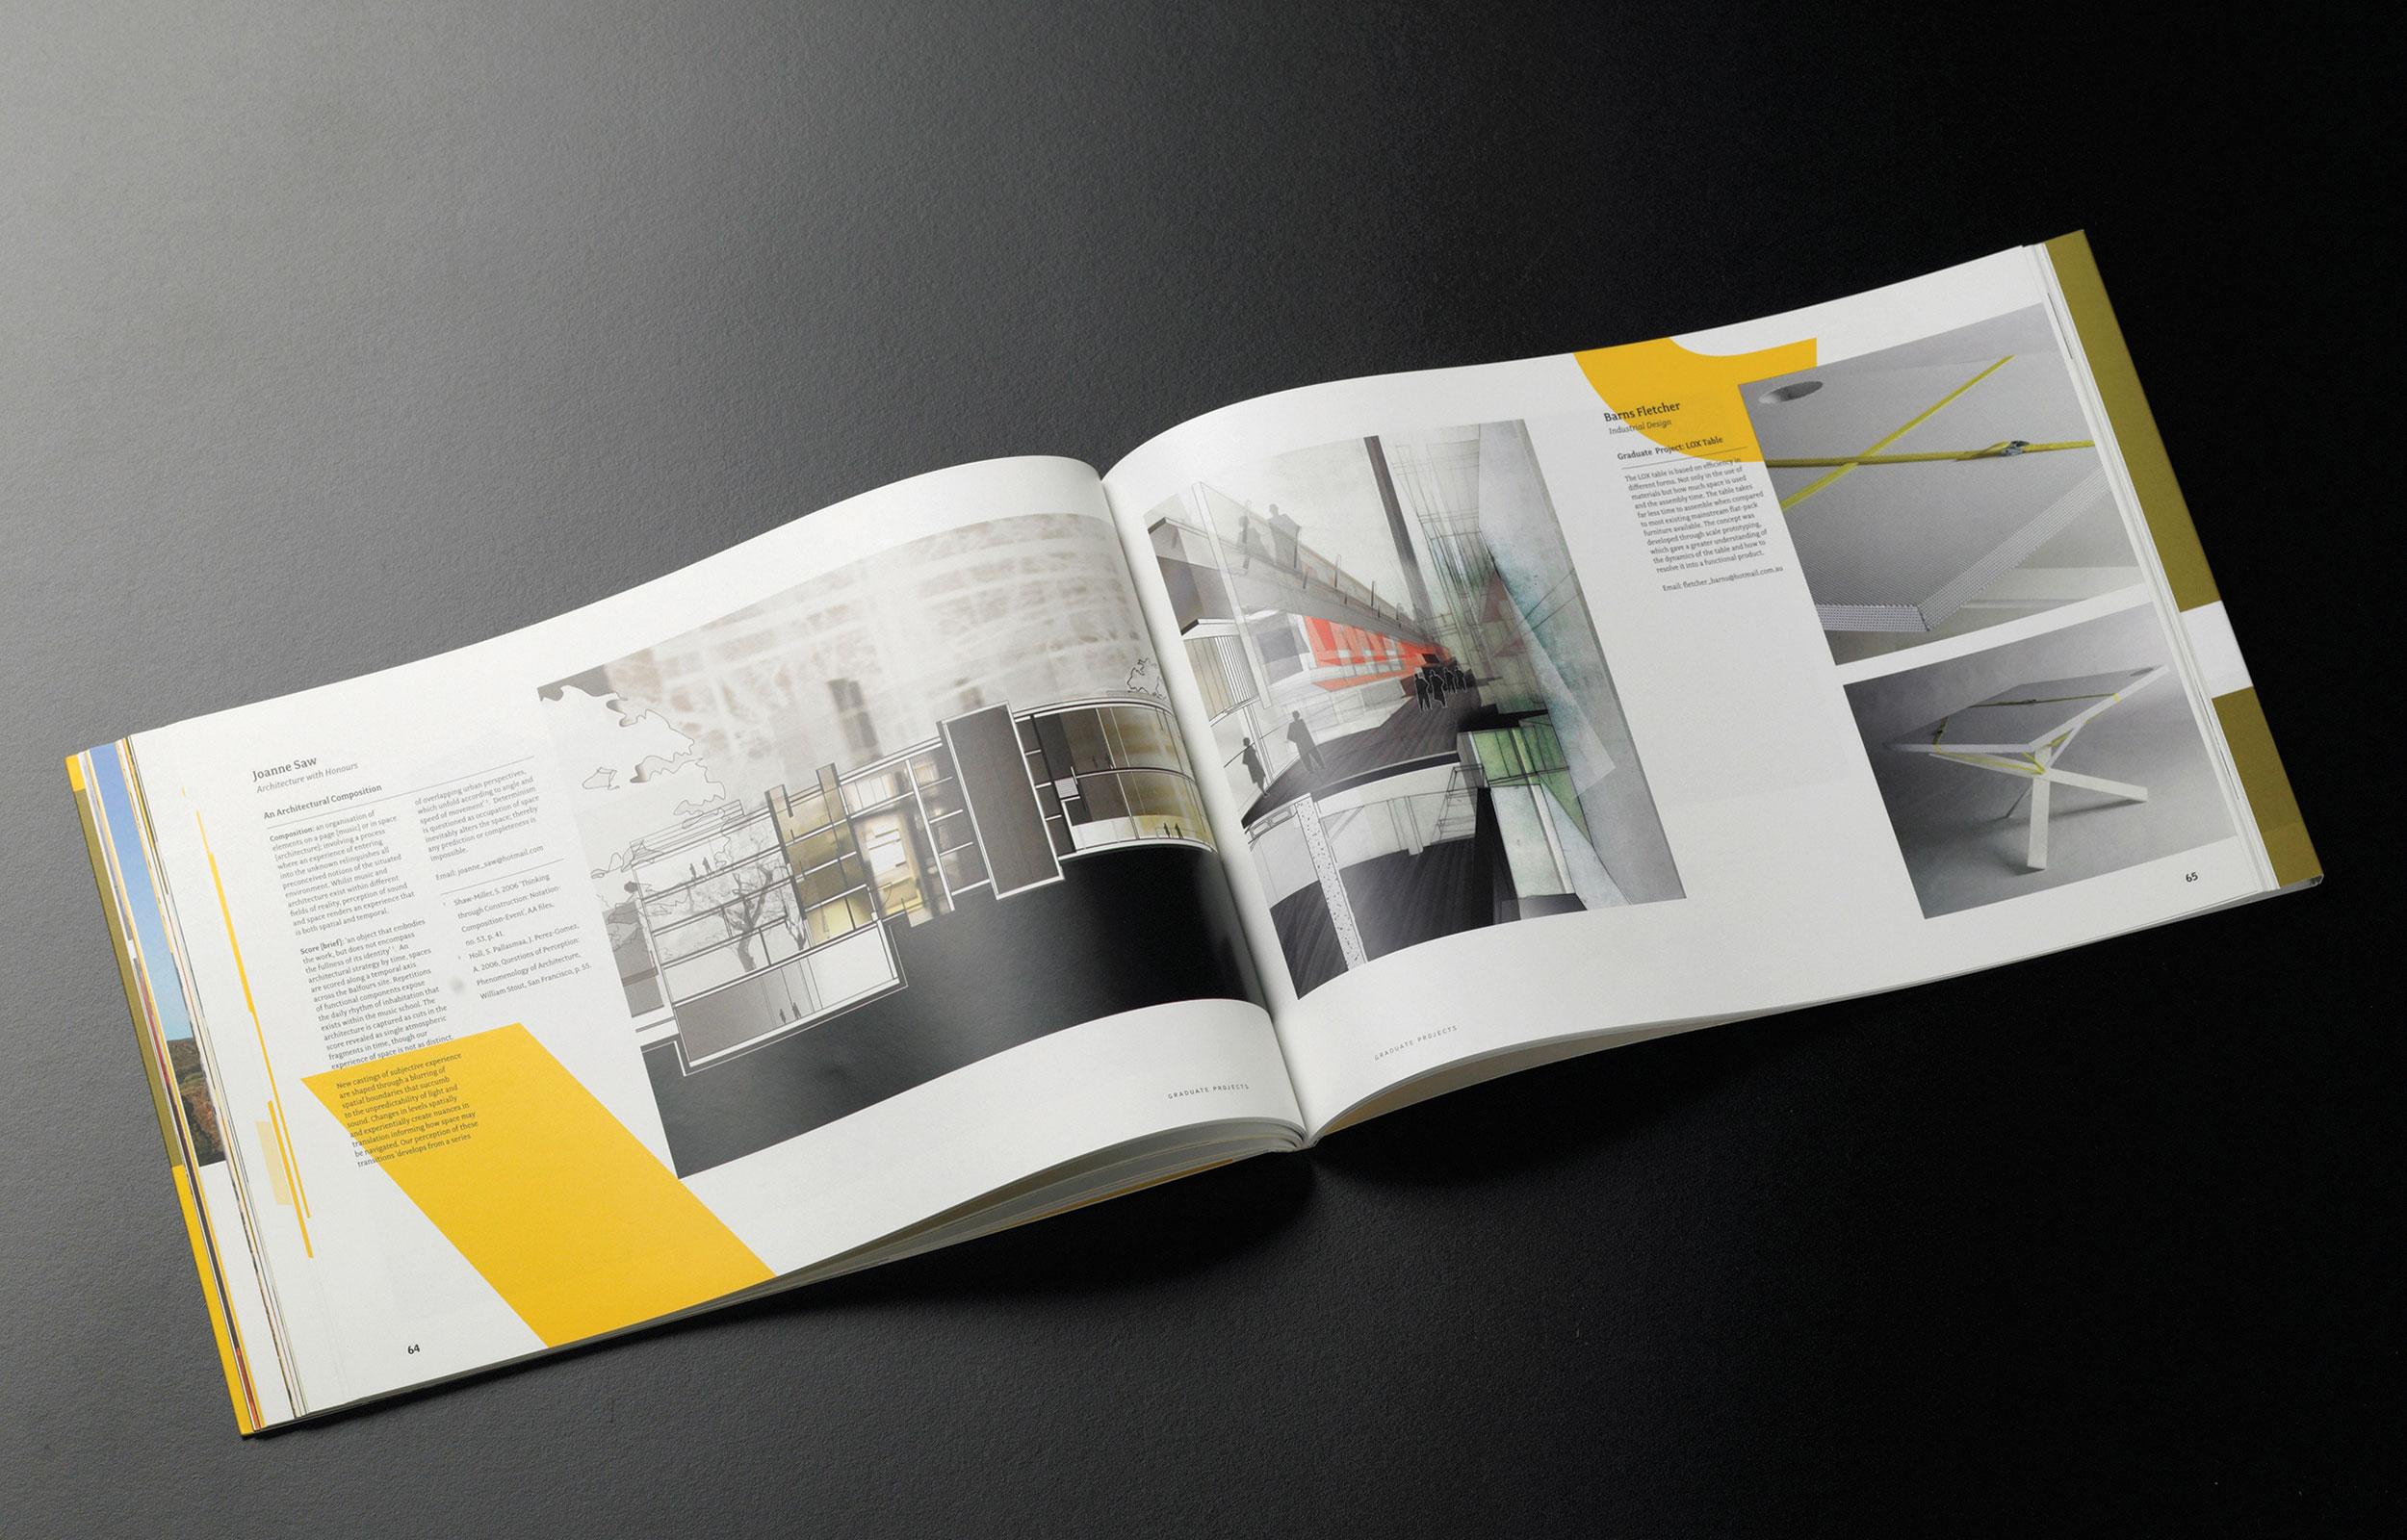 enoki-graphic-form-4.jpg